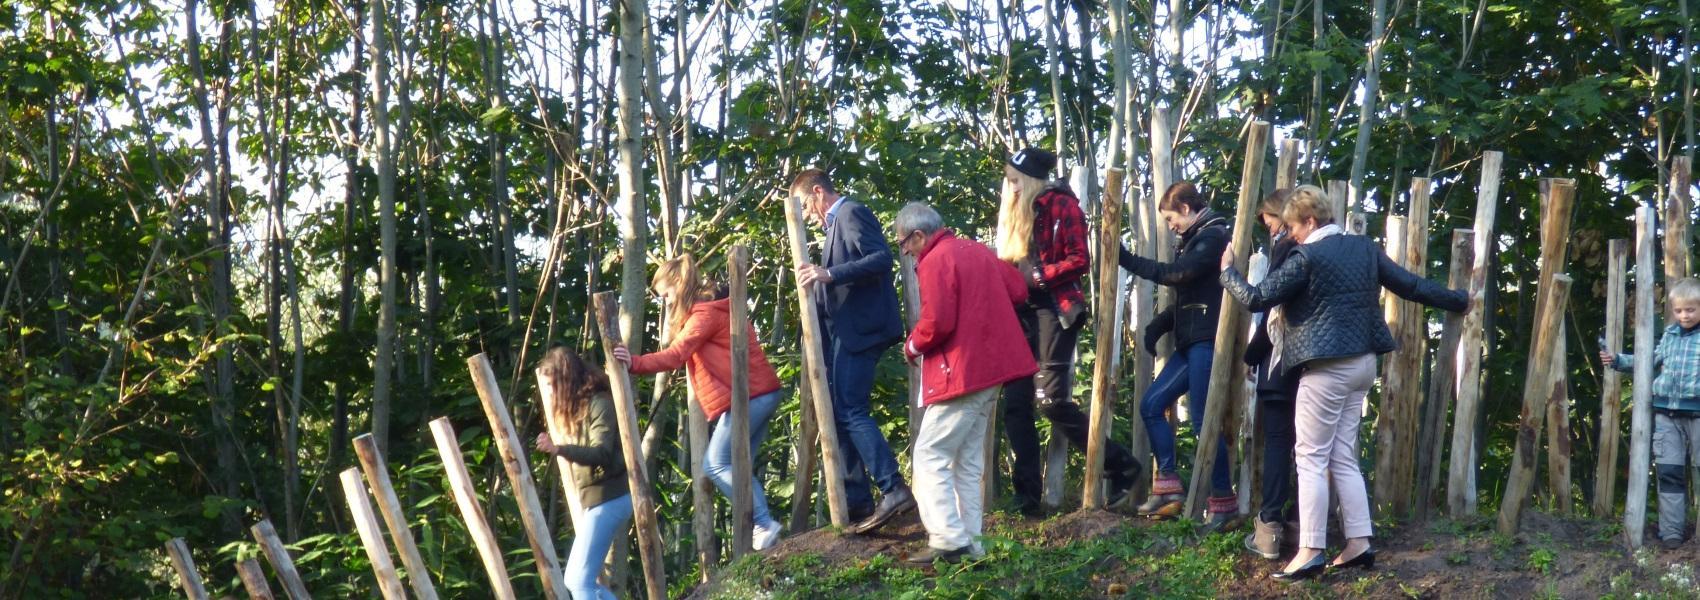 mensen op een hindernis van het budopad